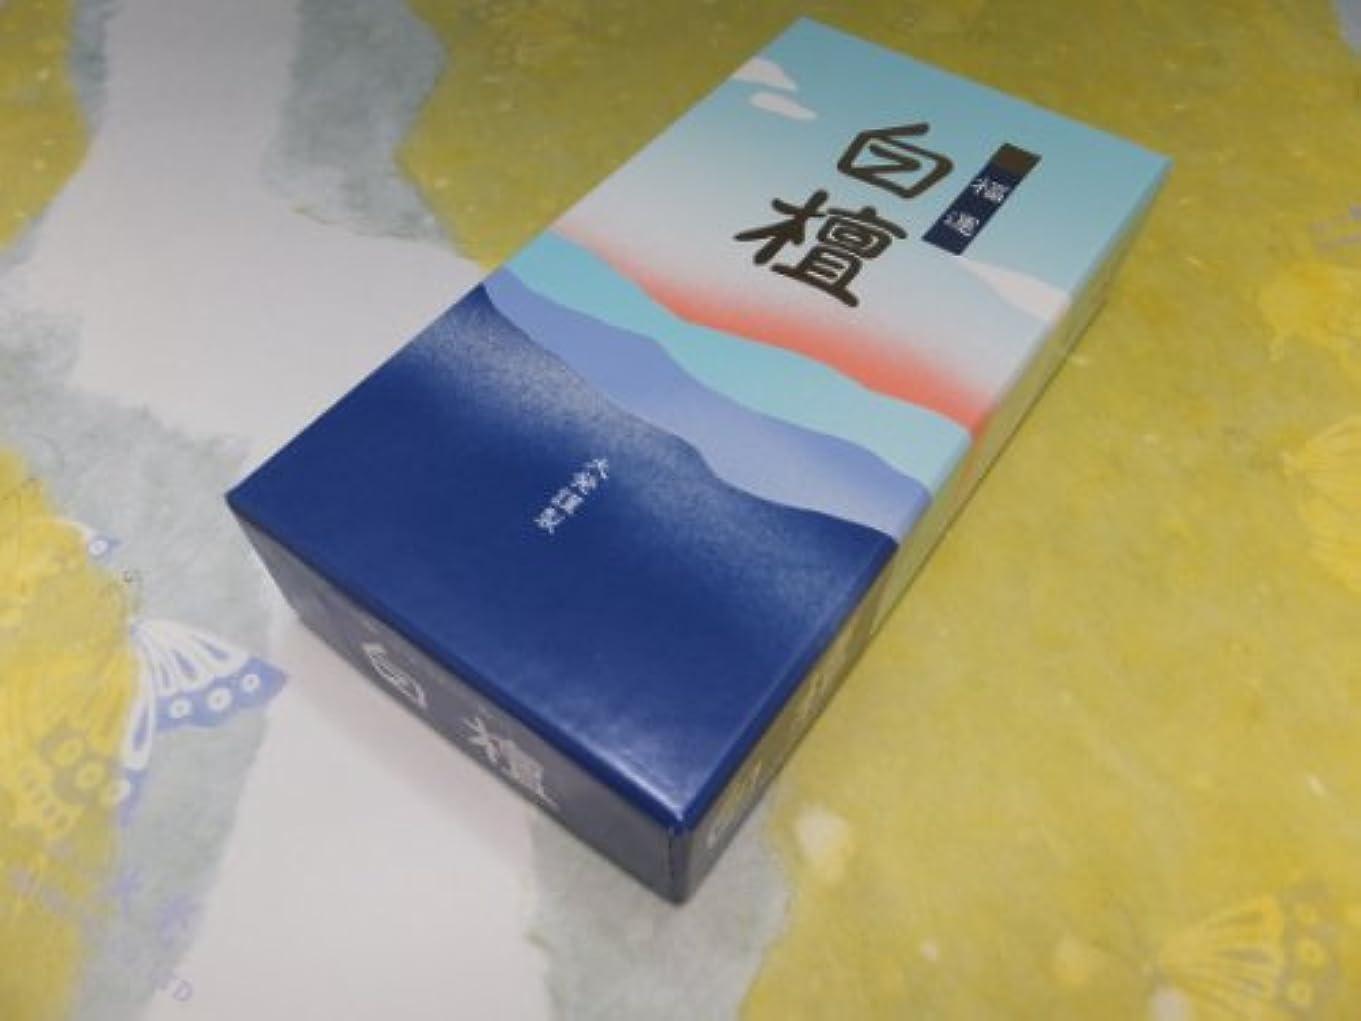 徴収スロットやさしく淡路島の「大発」のお線香 福運 白檀 (日本のお線香の70%を生産する淡路島)